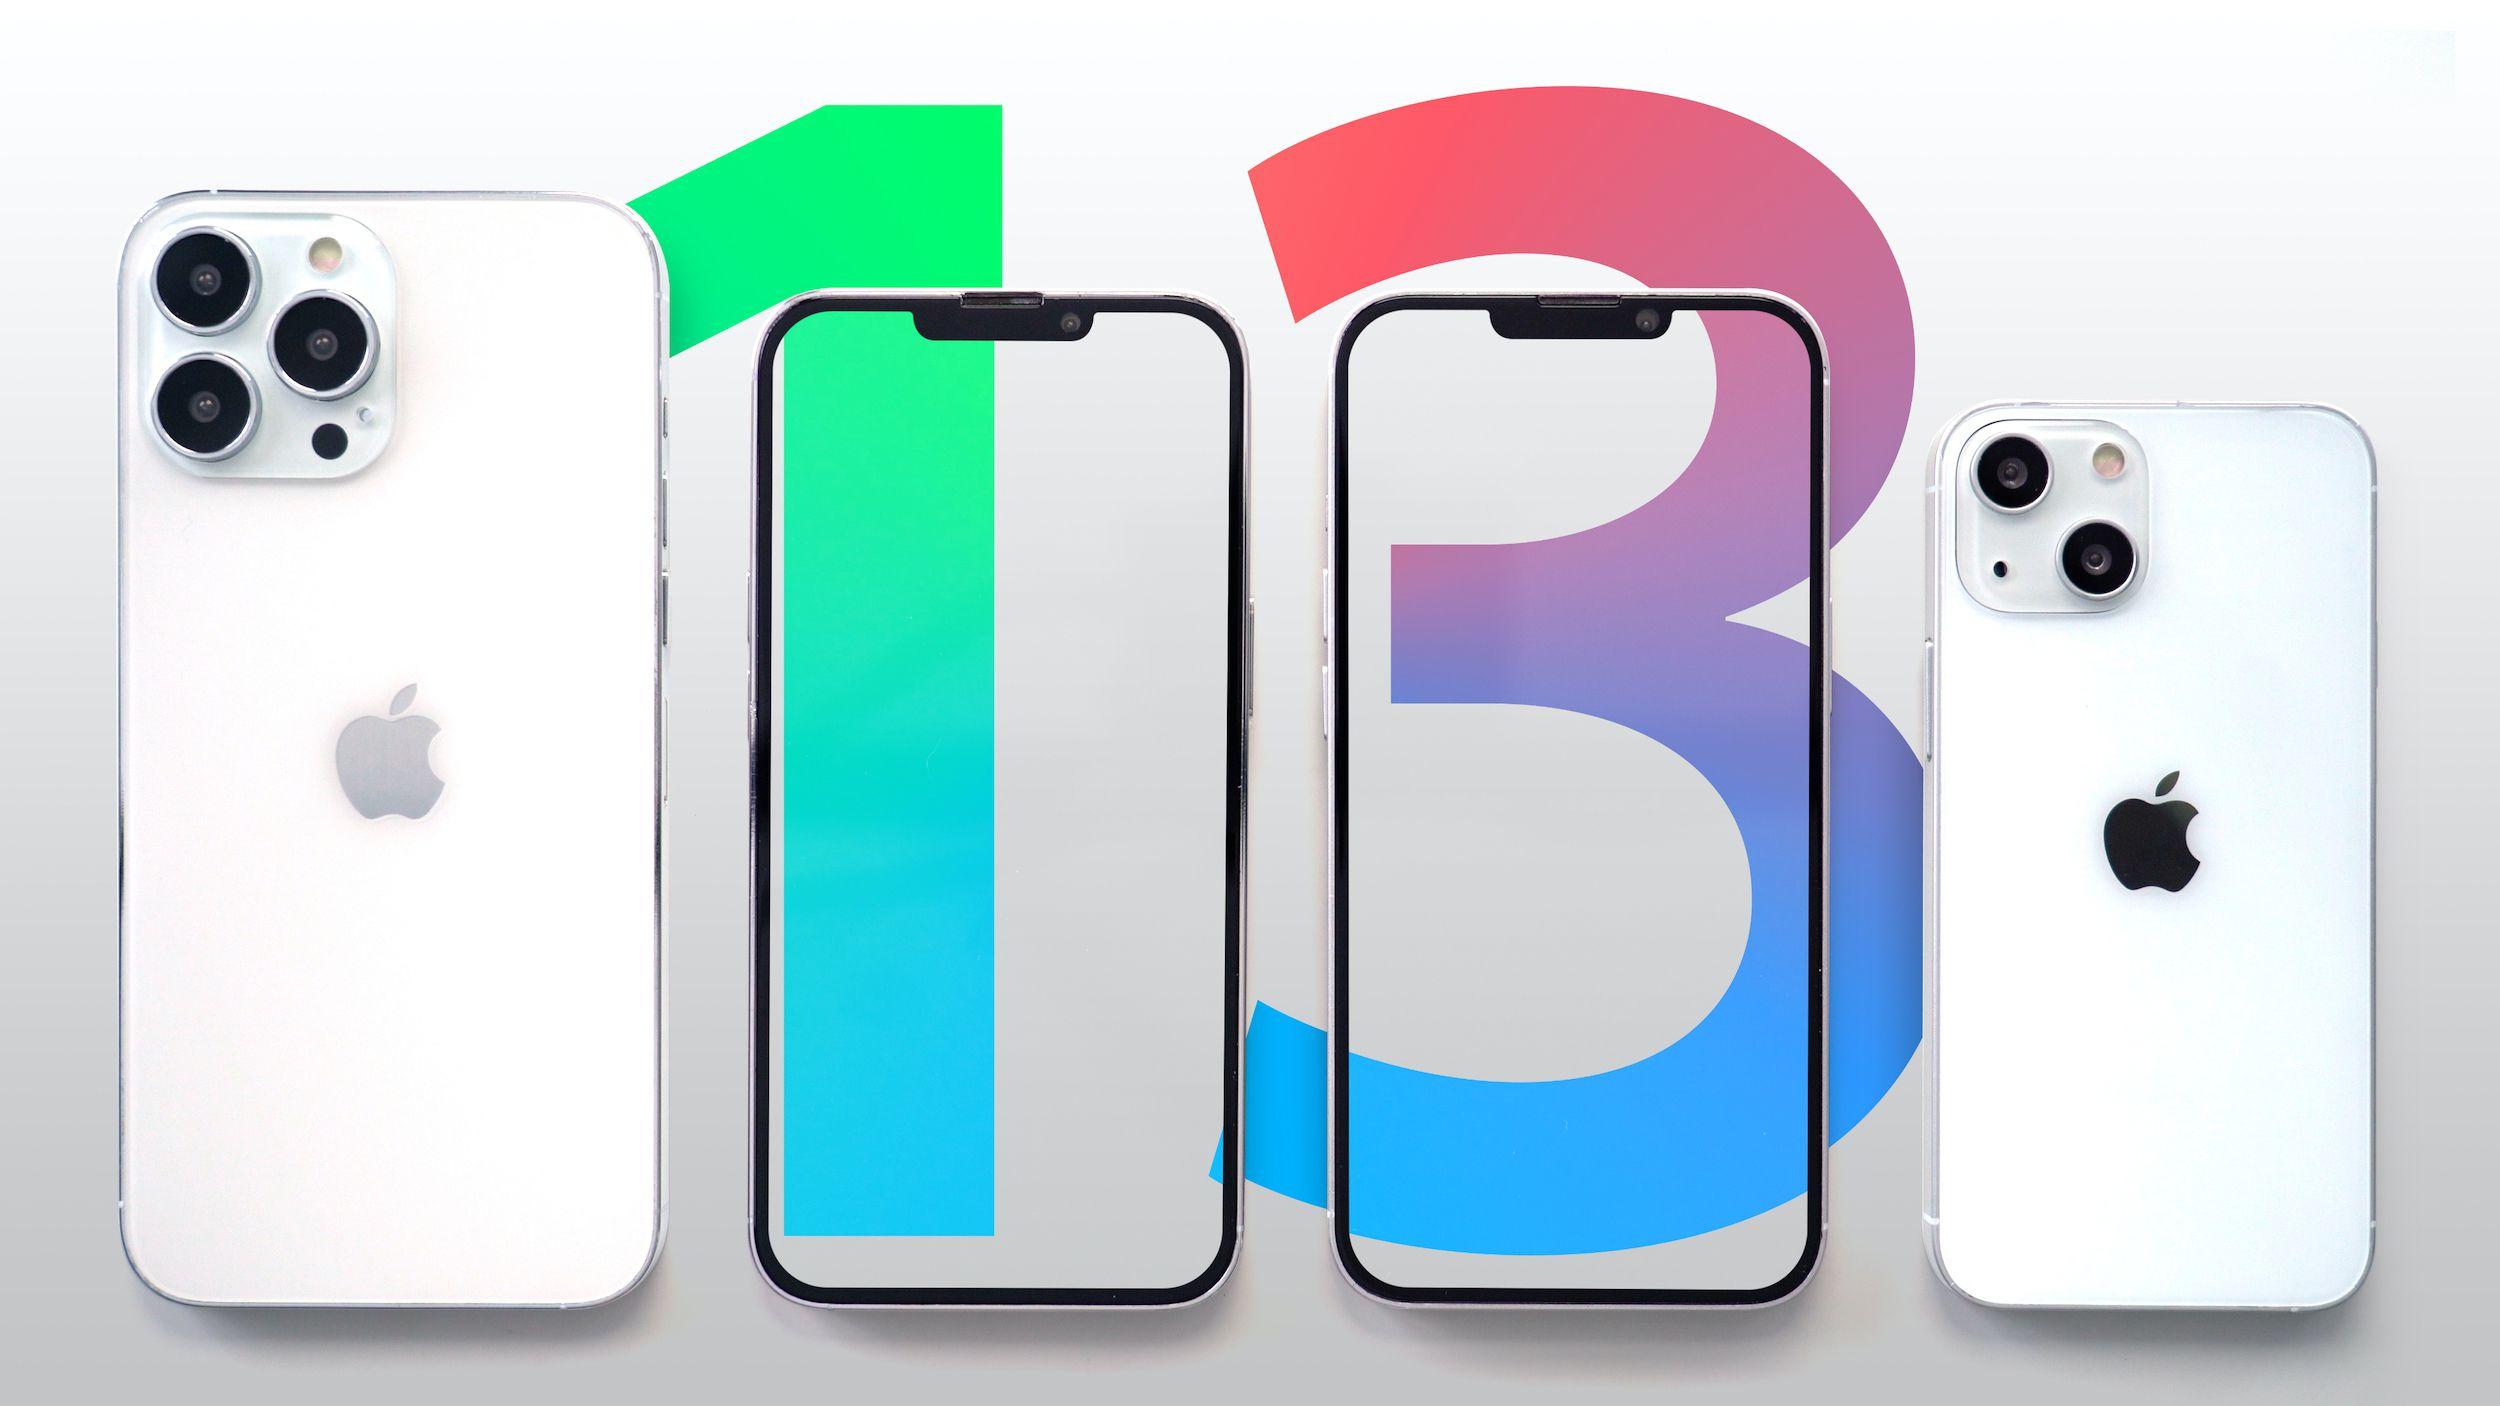 Спутниковая связь в iPhone 13 может быть ограничена экстренными сообщениями